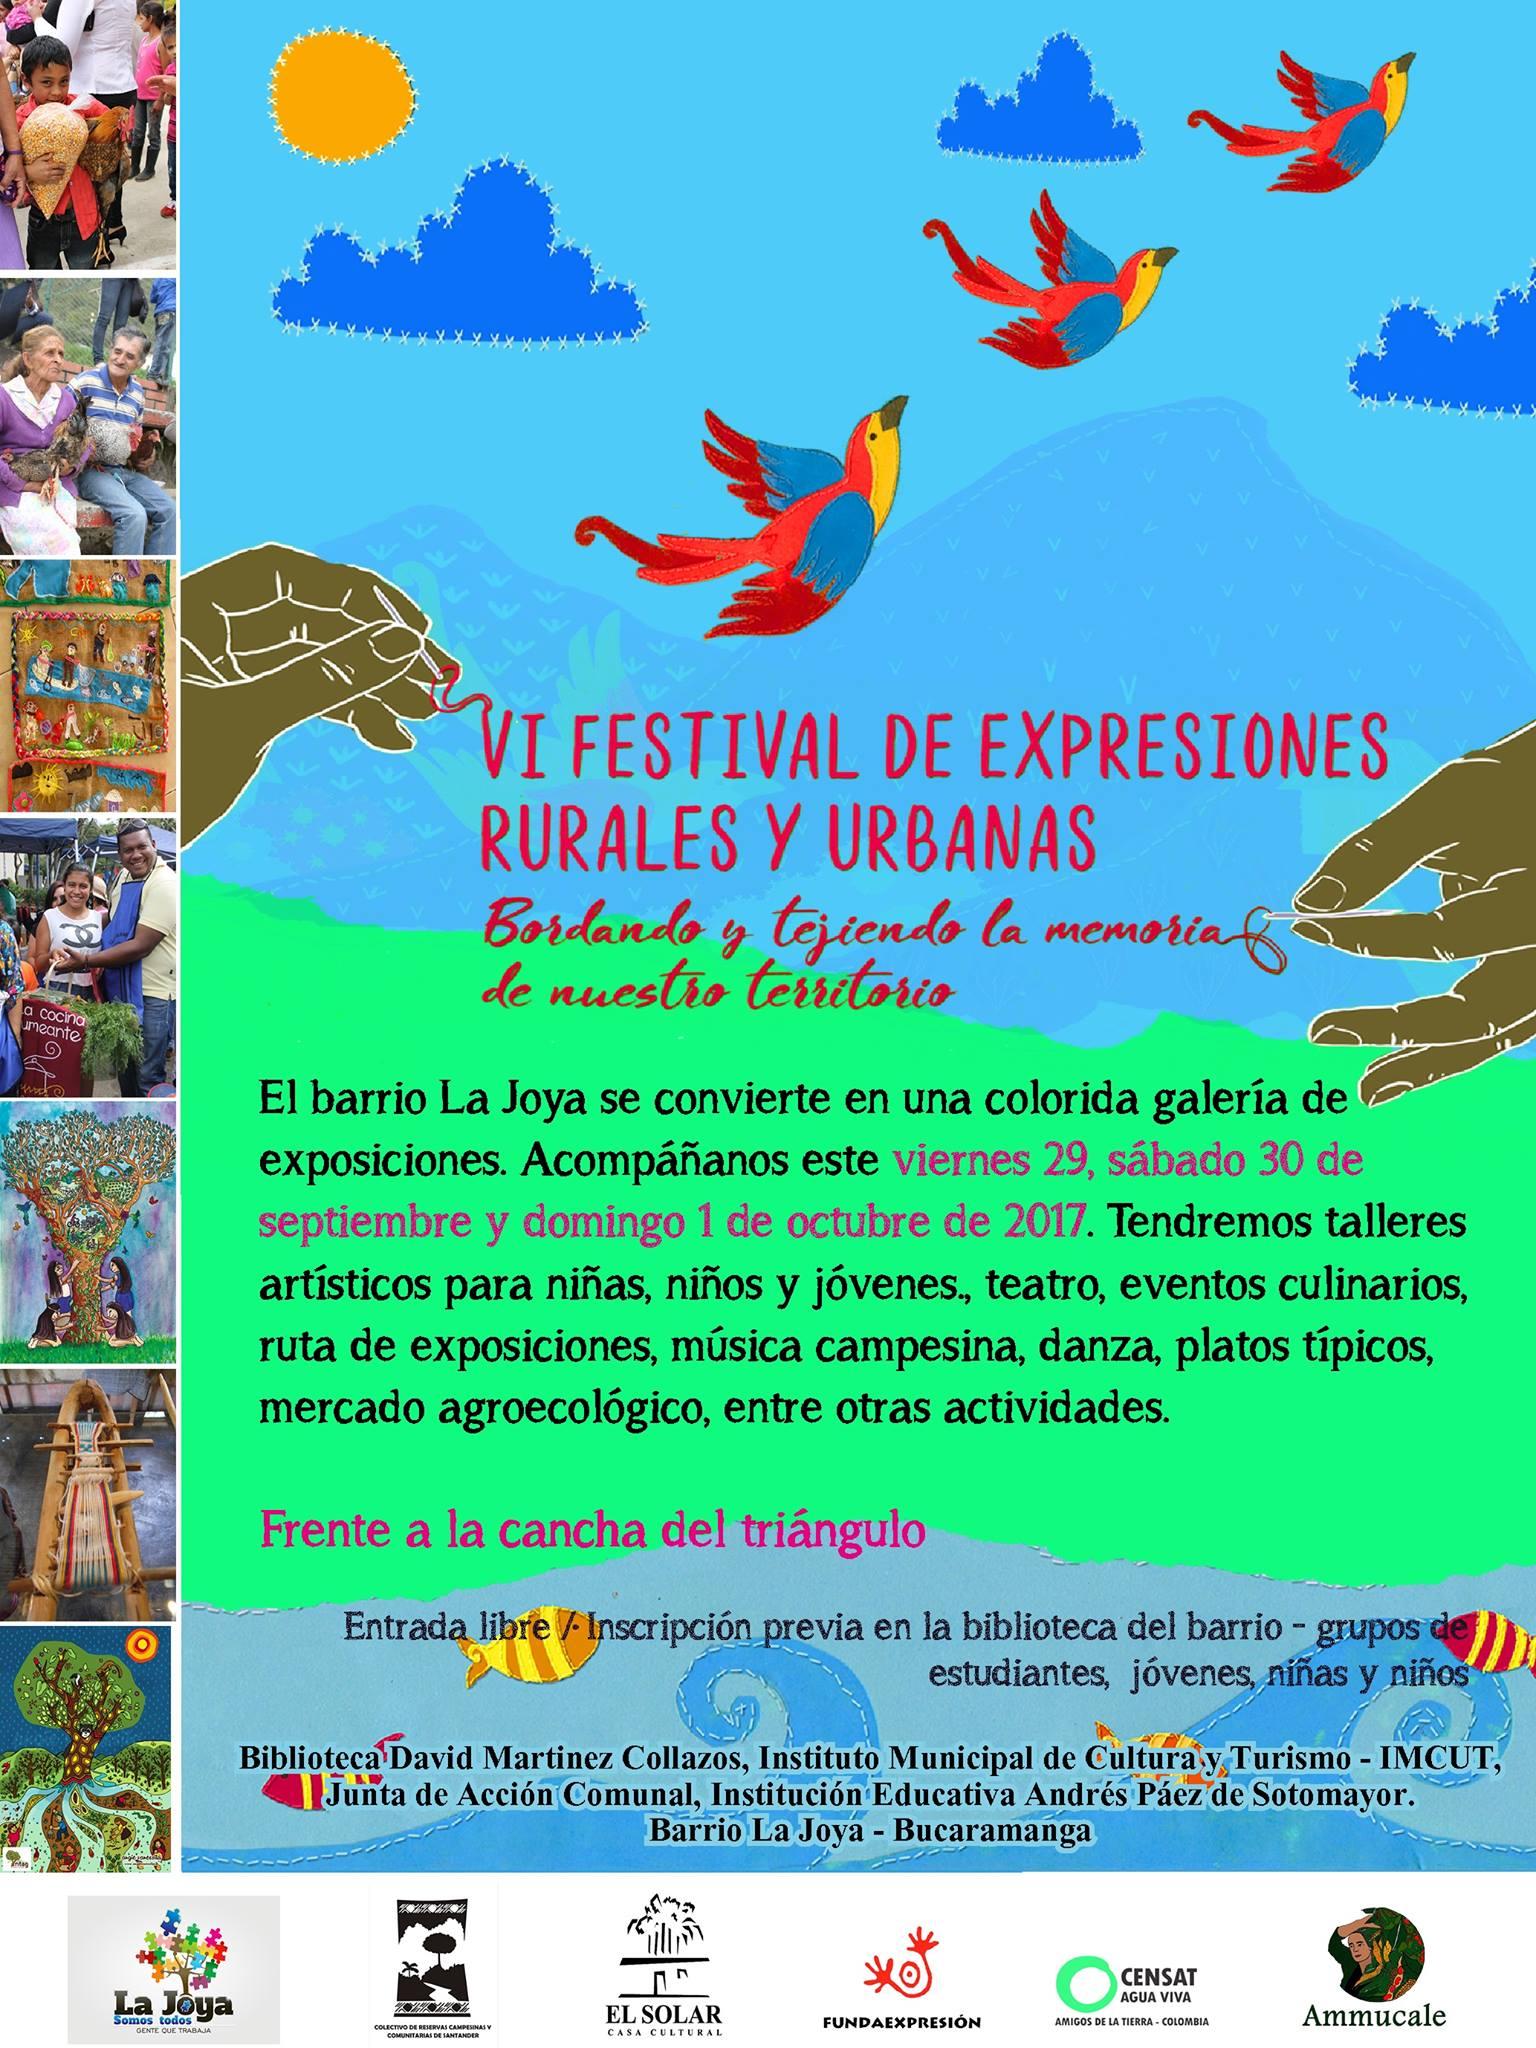 Gráfica alusiva a VI Festival de expresiones rurales y urbanas. Bordando y tejiendo la memoria en nuestro territorio